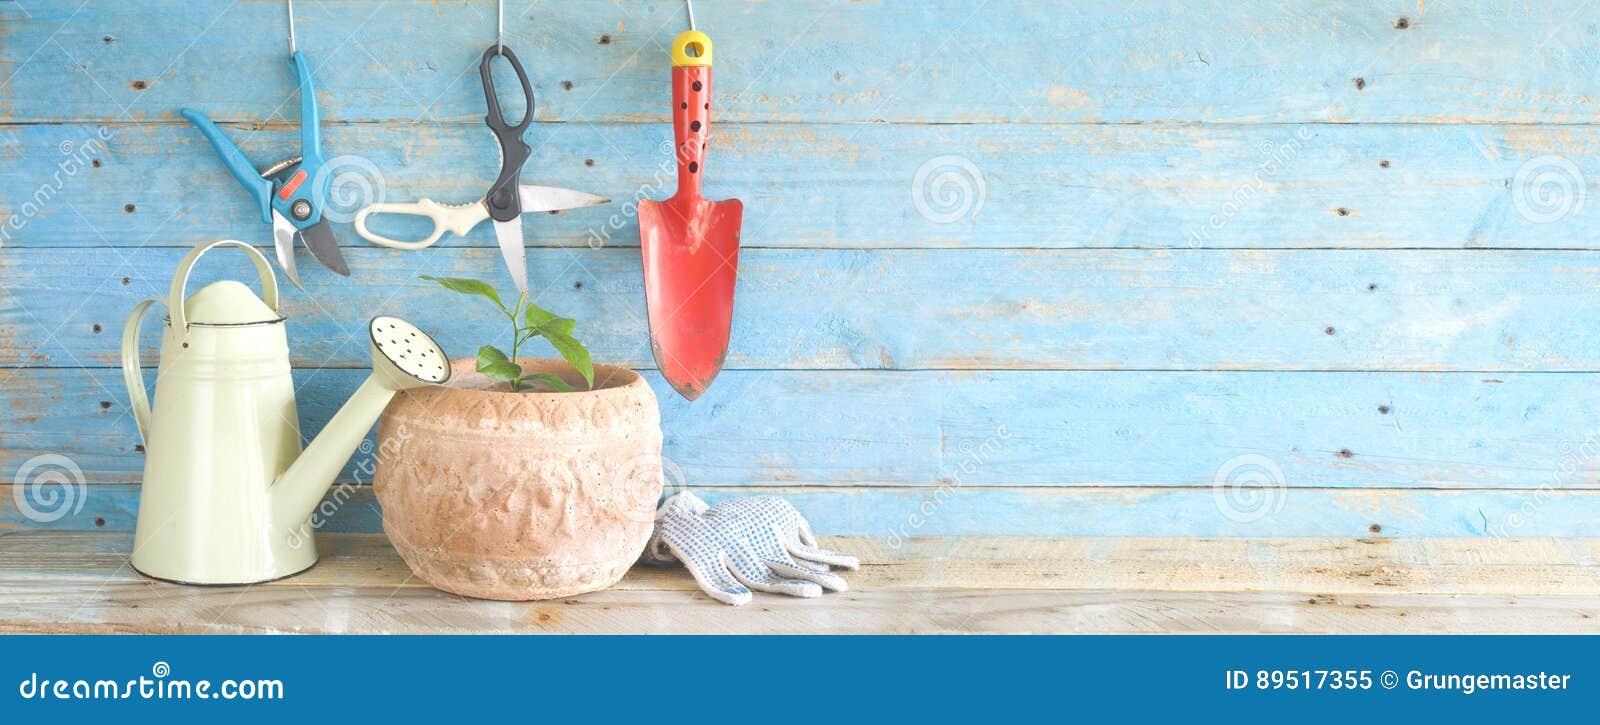 Садовничая инструменты и молодое дерево лимона